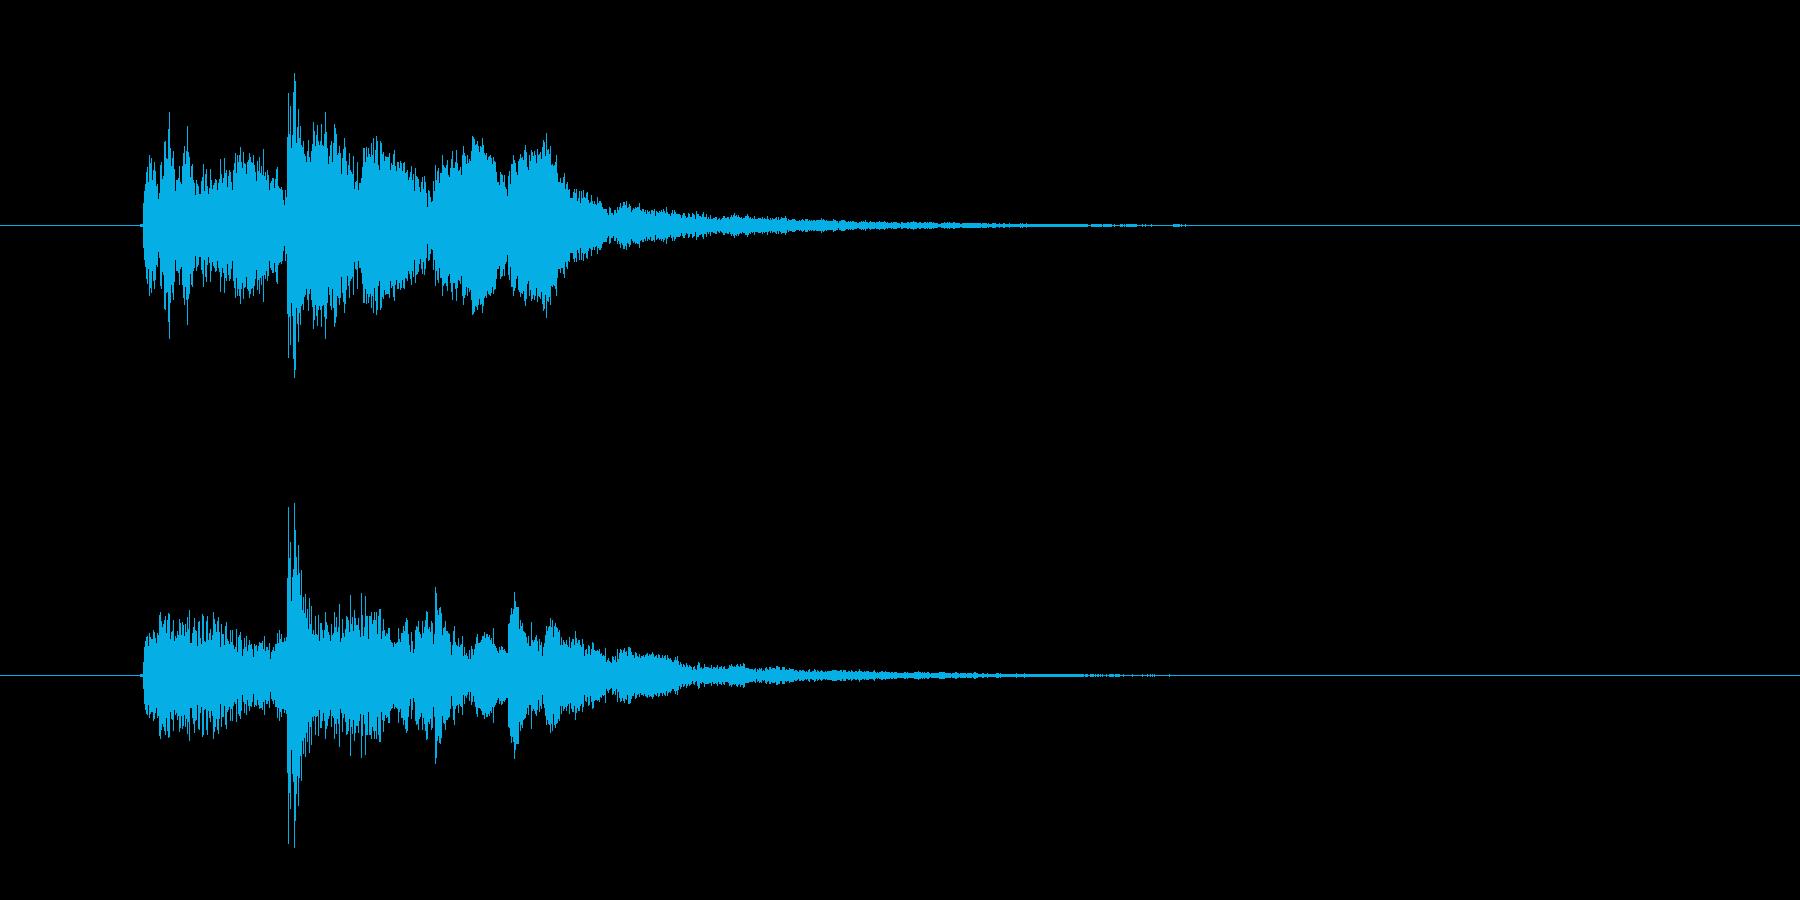 幻想的で落ち着いた雰囲気の音楽の再生済みの波形